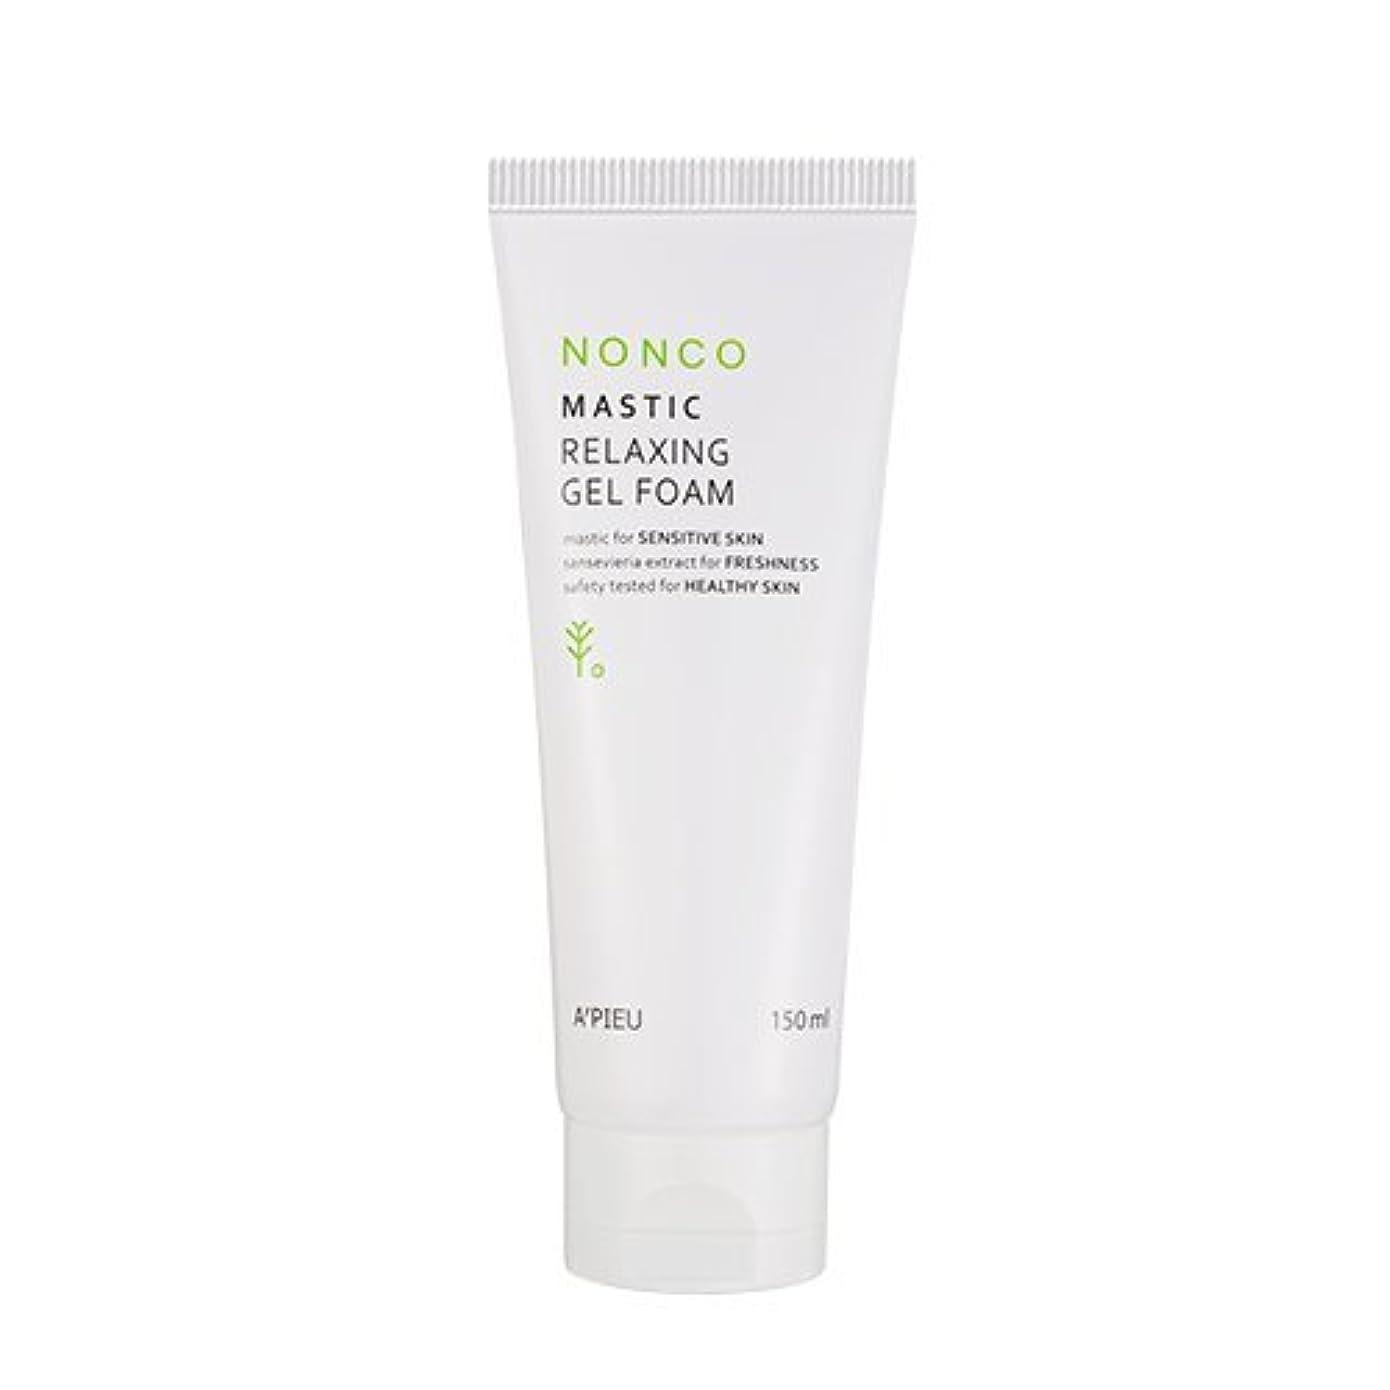 壮大な急速なきゅうりApieu NanCo Mastic Relaxing Gel Foam 150ml [アピュ/オピュ] NonCo マスチック弱酸性ゲルフォーム 150ml [並行輸入品]